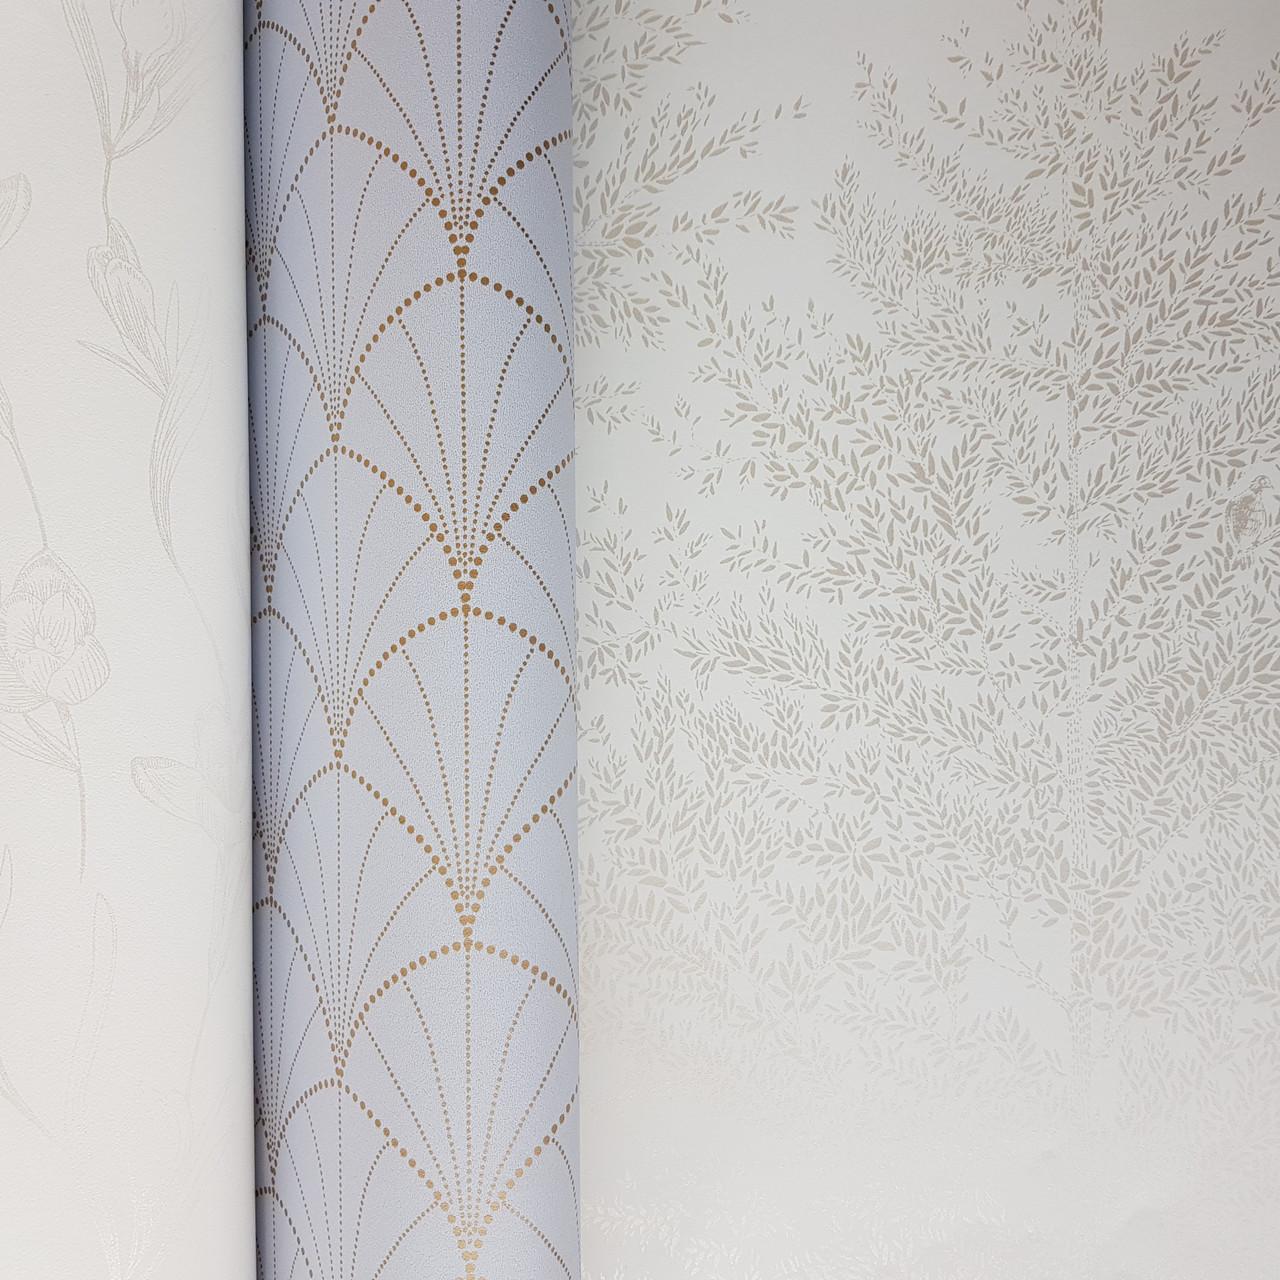 Шпалери вінілові на флізелін Caselio The Place to bed 0.53х10 м природа дерева гілки сріблясті на білому